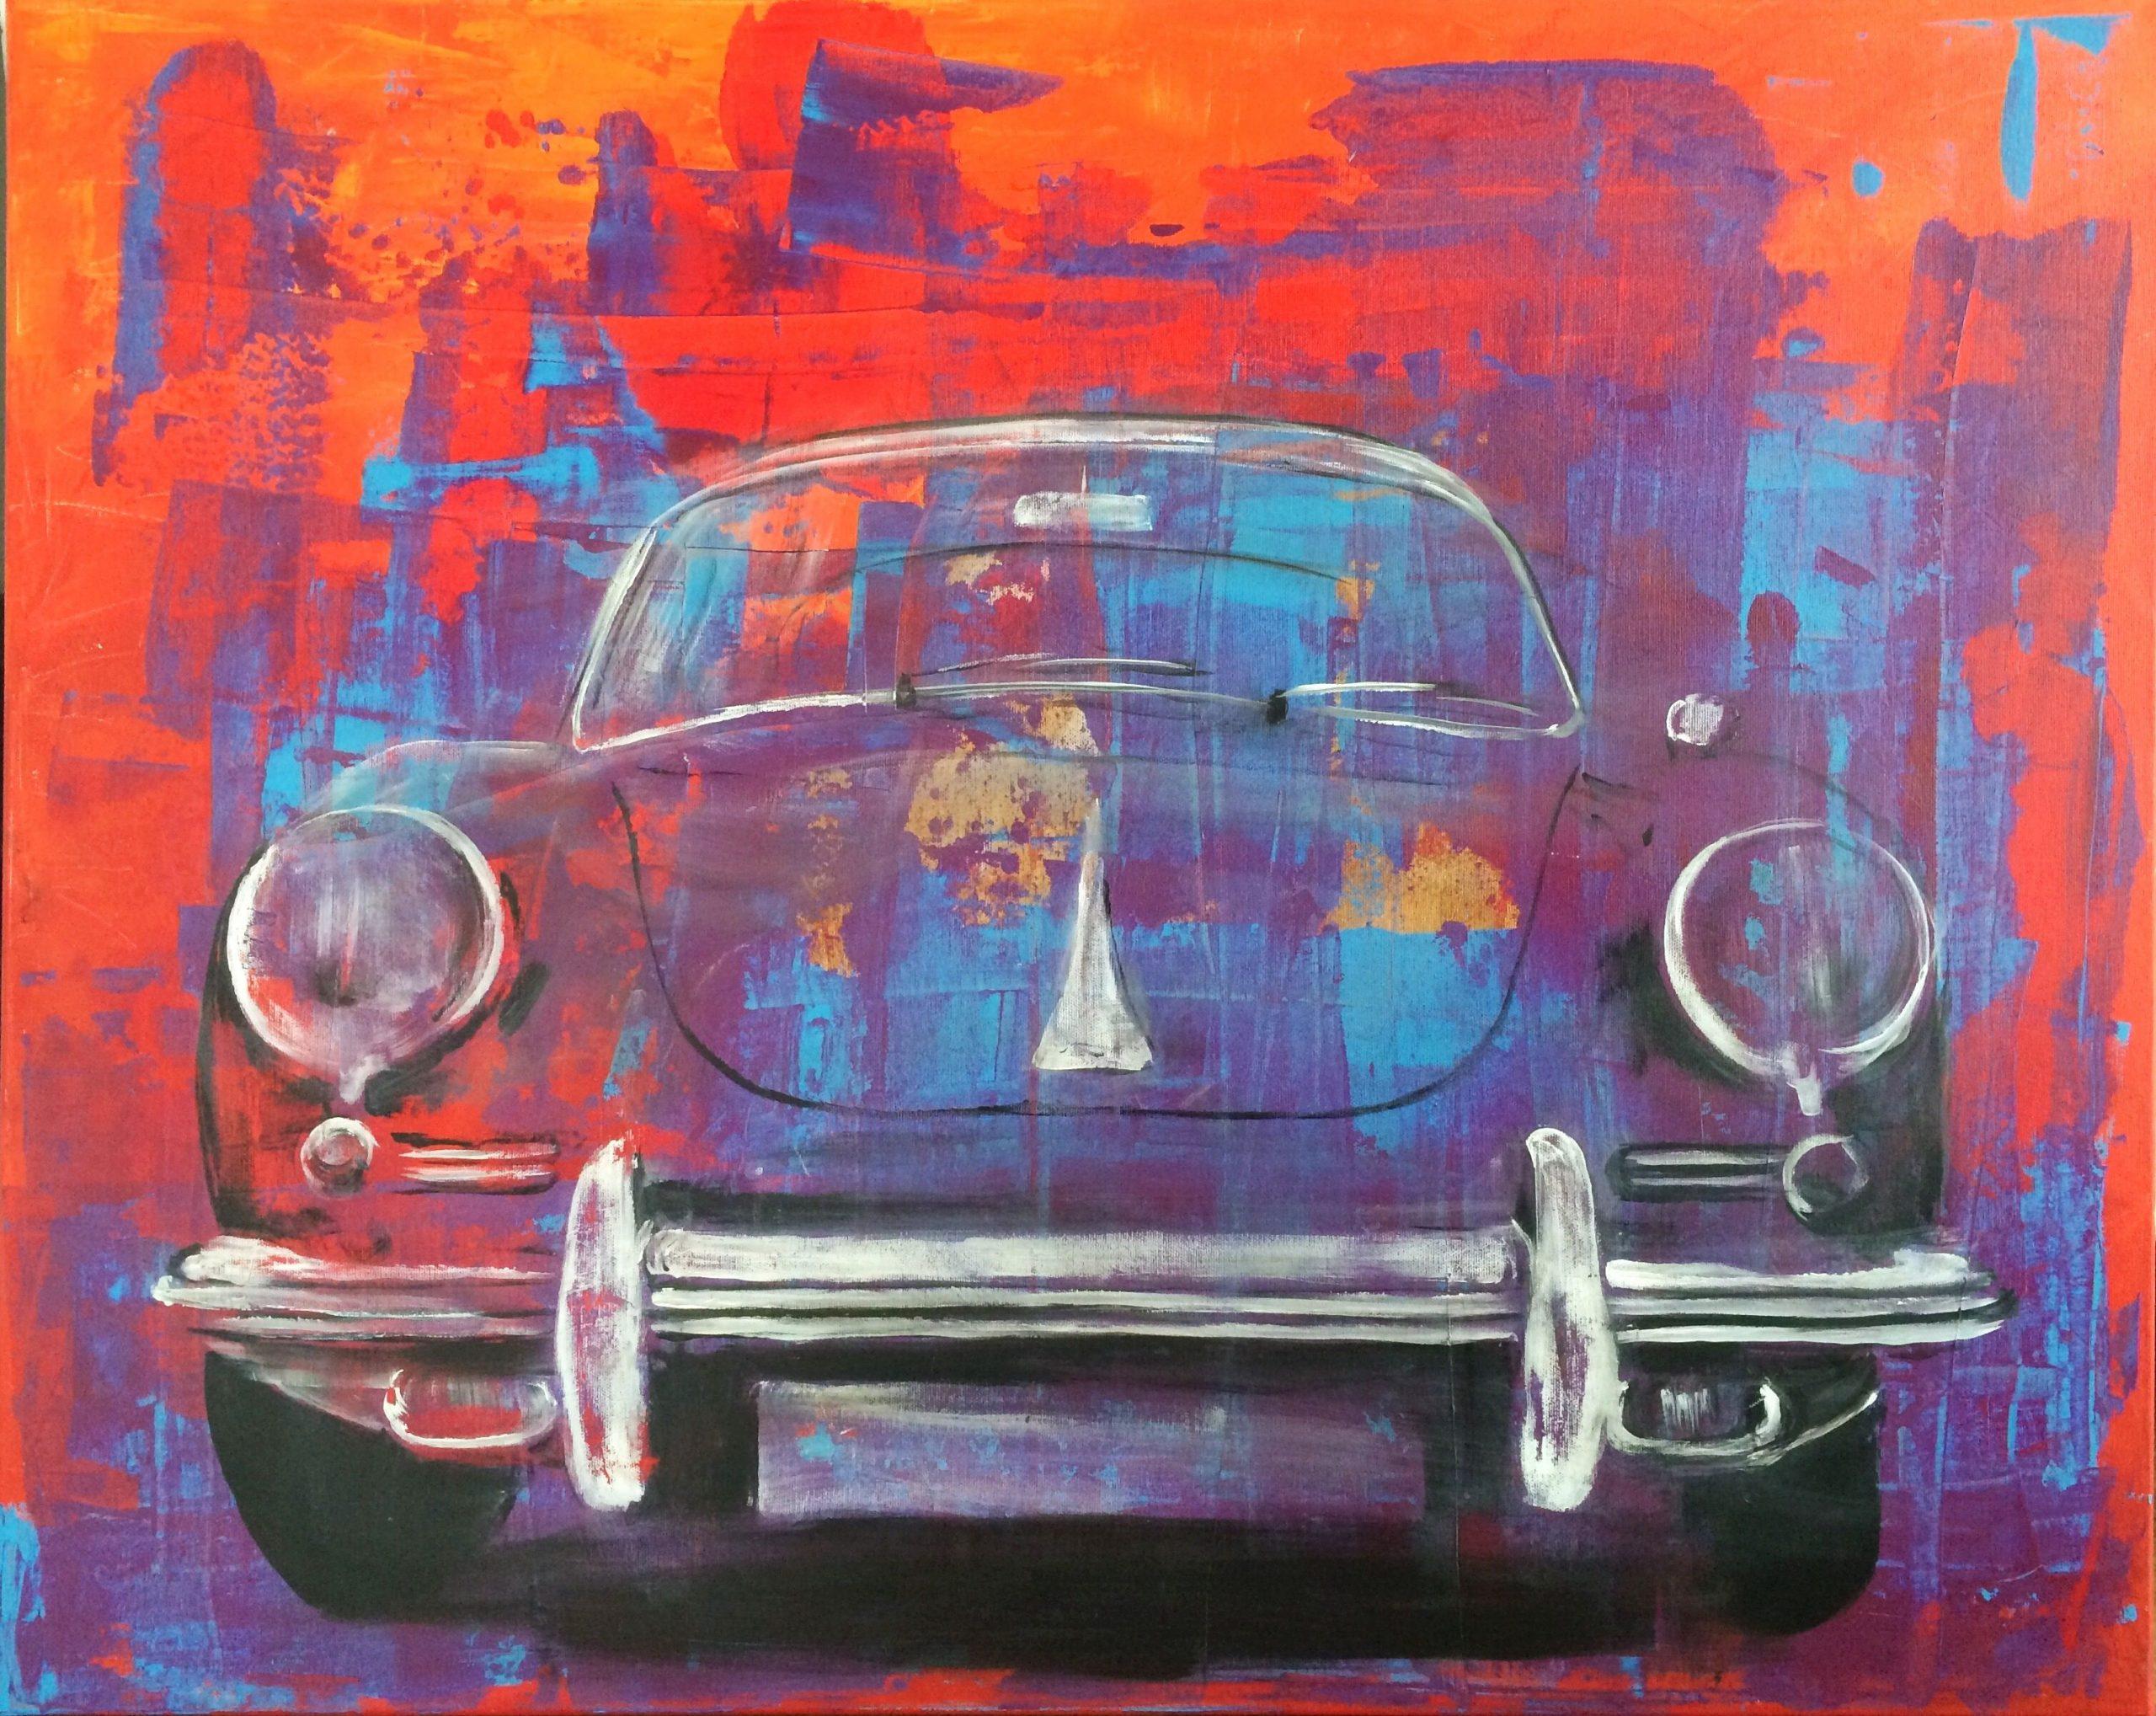 Porsche 356, Kunst, Gemalt, Art, Popart, Bunt, Porsche, (Mit bestimmt für Auto Gemalt